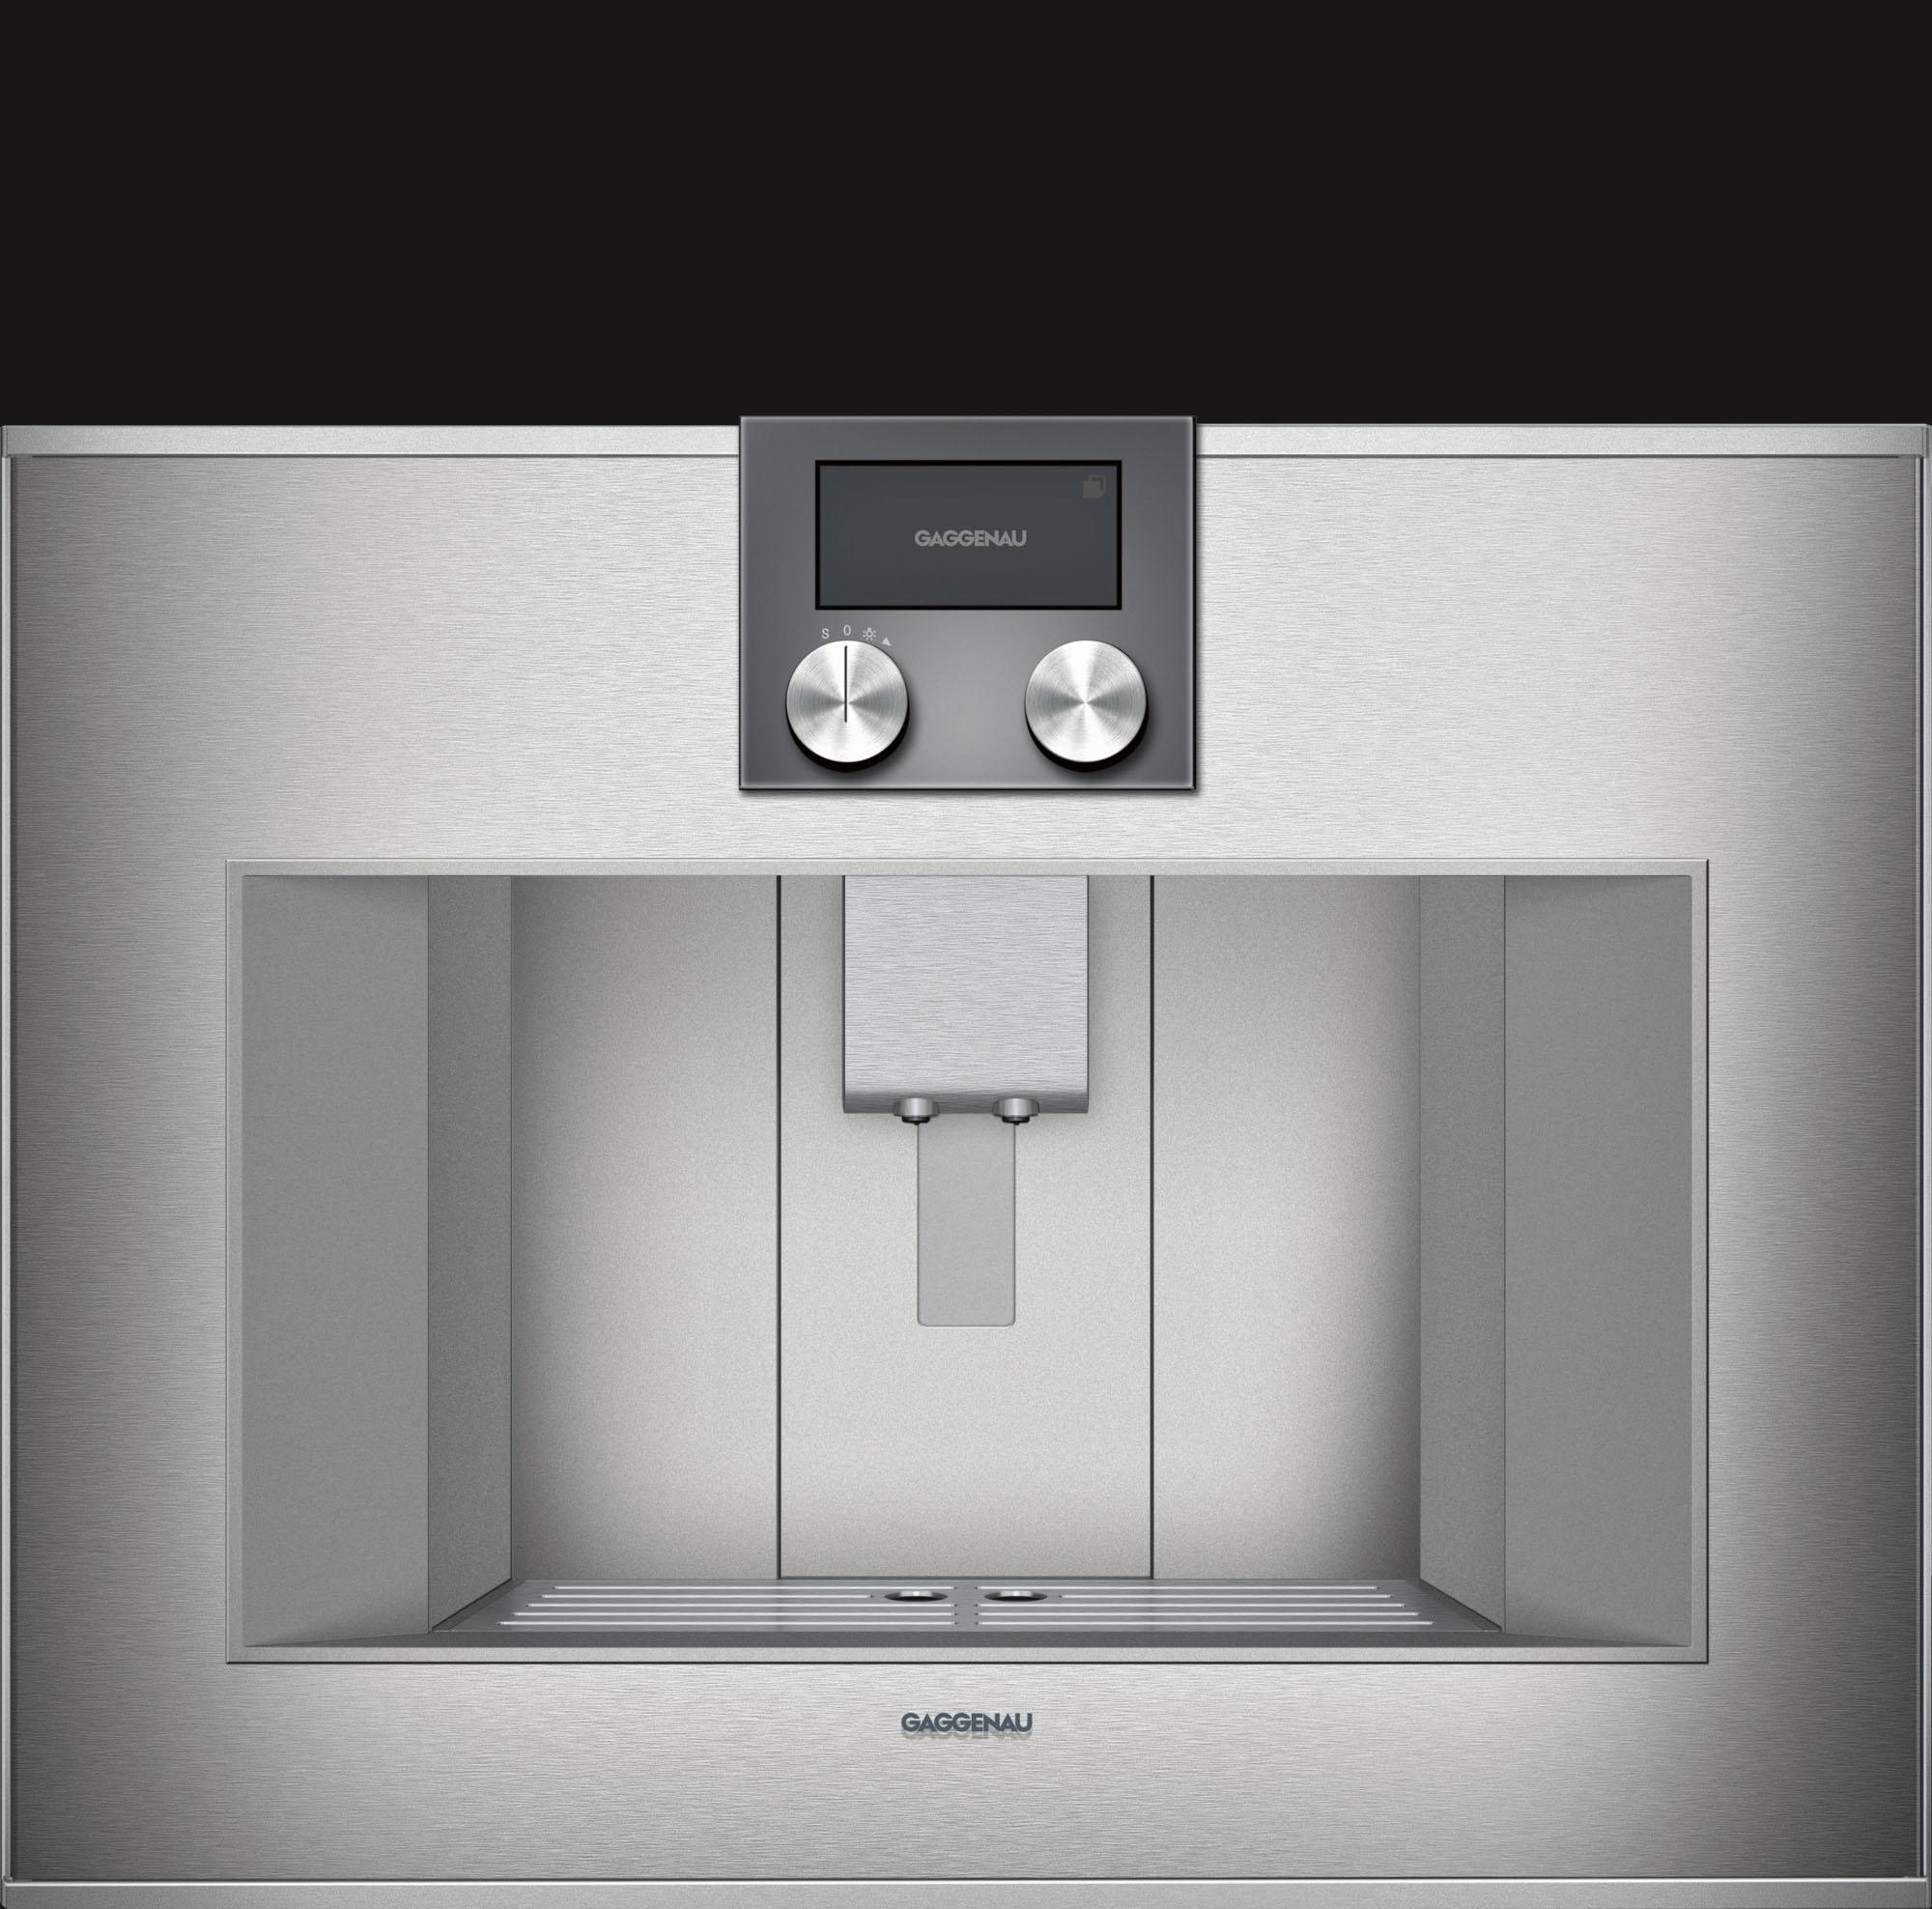 Автоматическая кофемашина CM470112 GAGGENAU